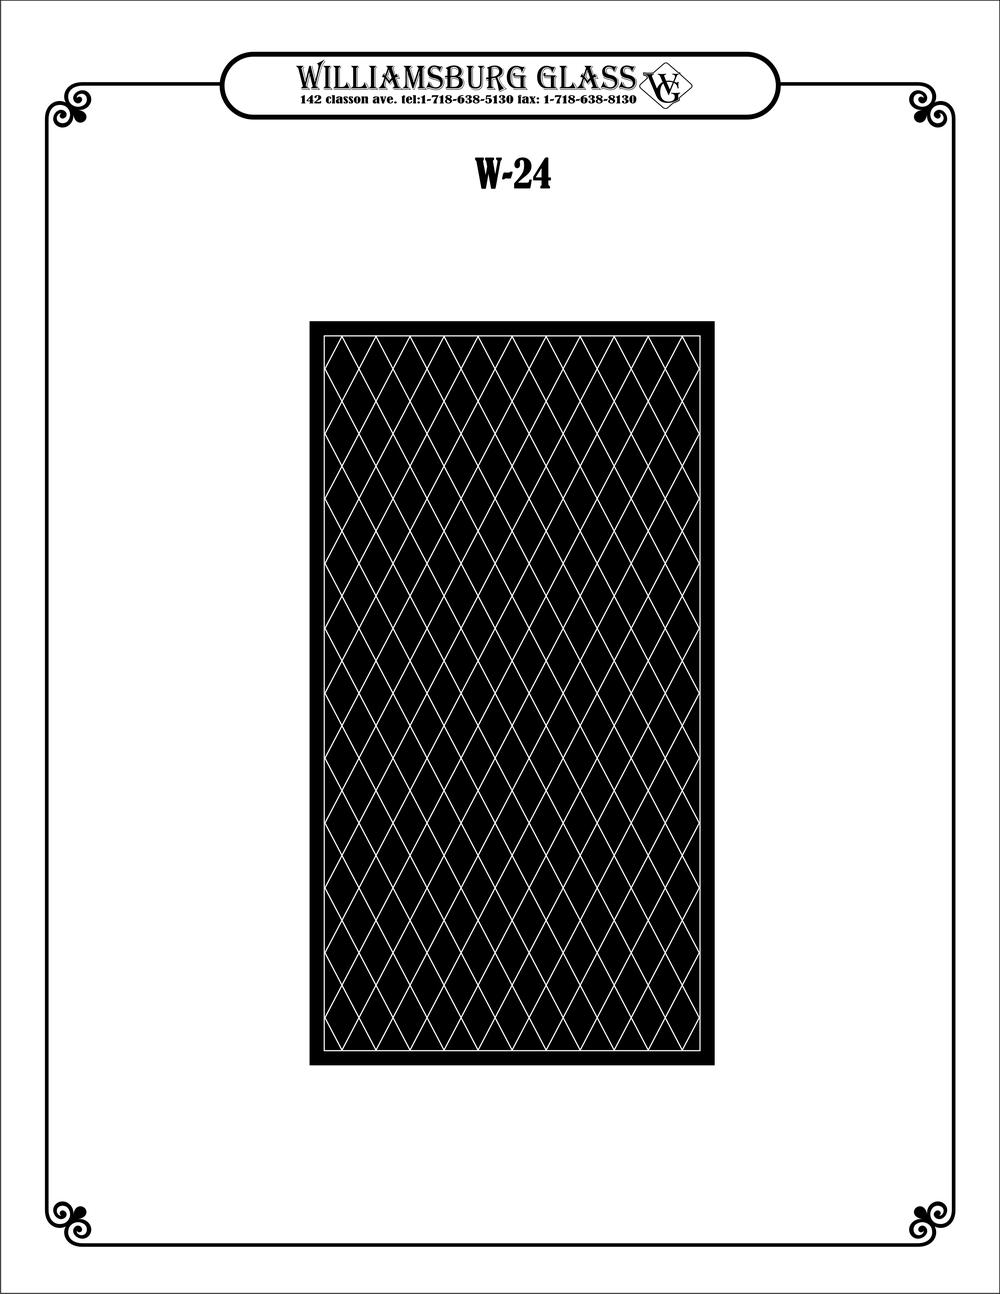 WG-24.jpg